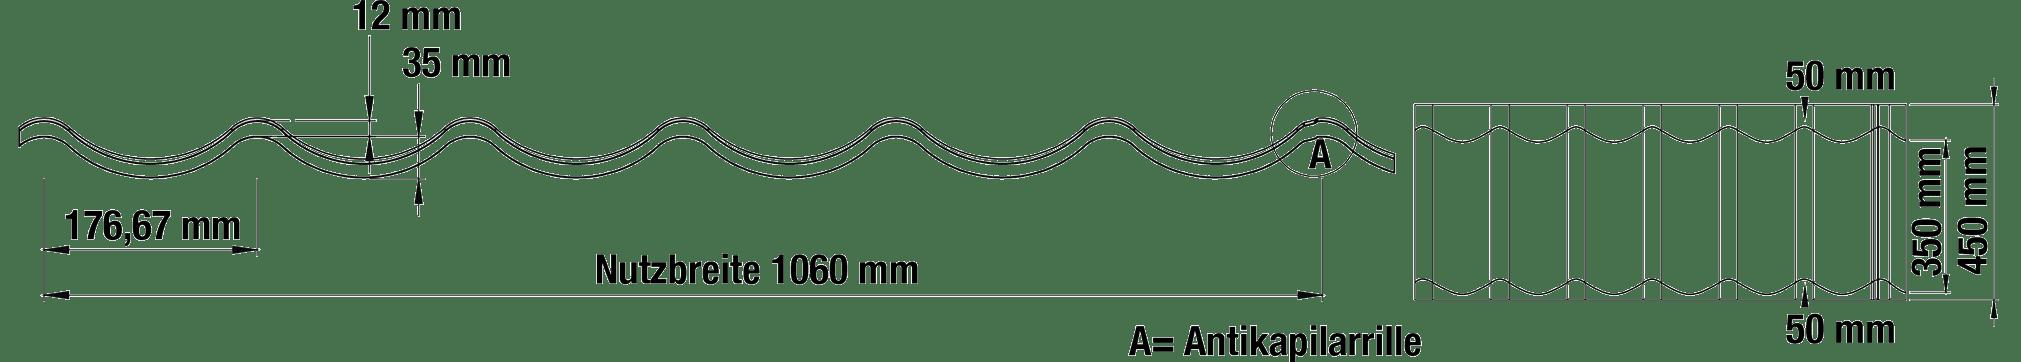 Dachpfannenprofil TYP 2 2/1060 Anthrazit-Tech Zeichnung (1)